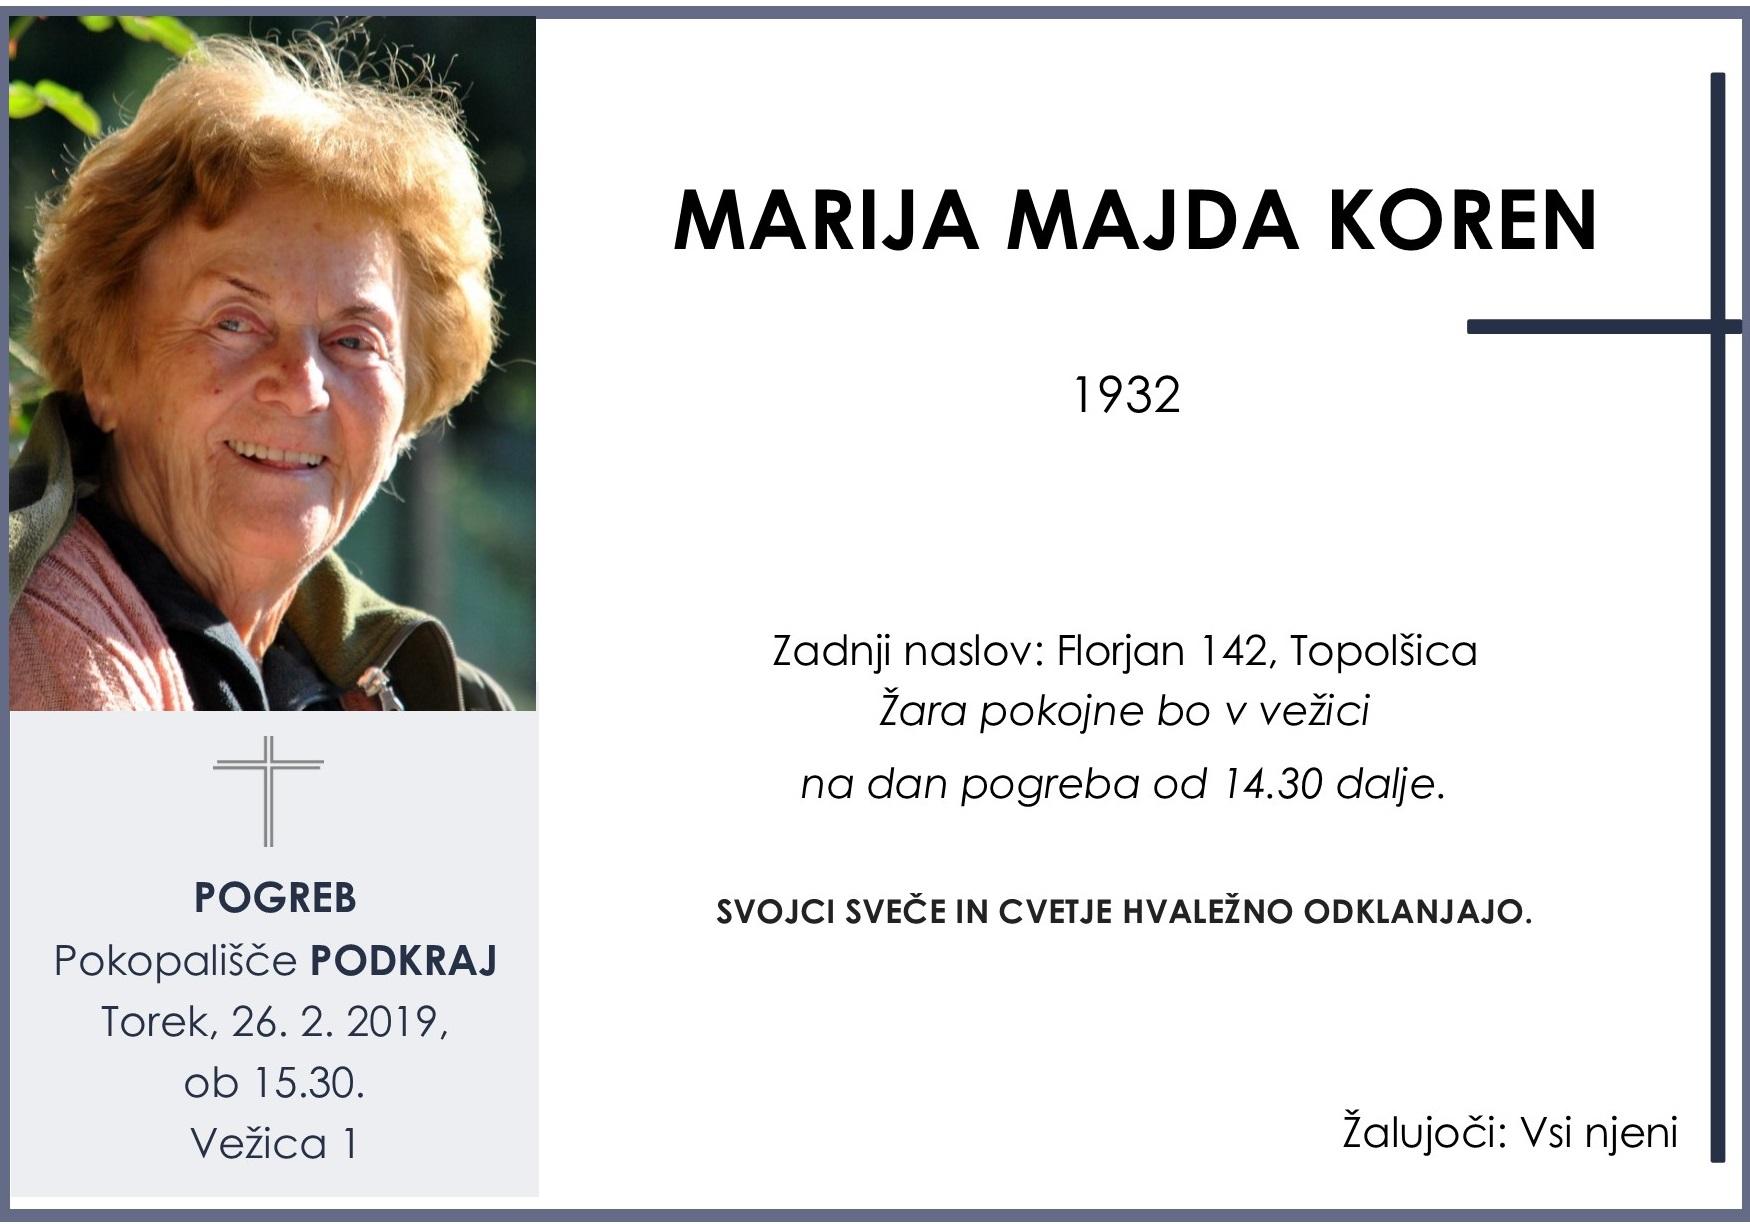 MARIJA MAJDA KOREN, 26. 02. 2019, Podkraj